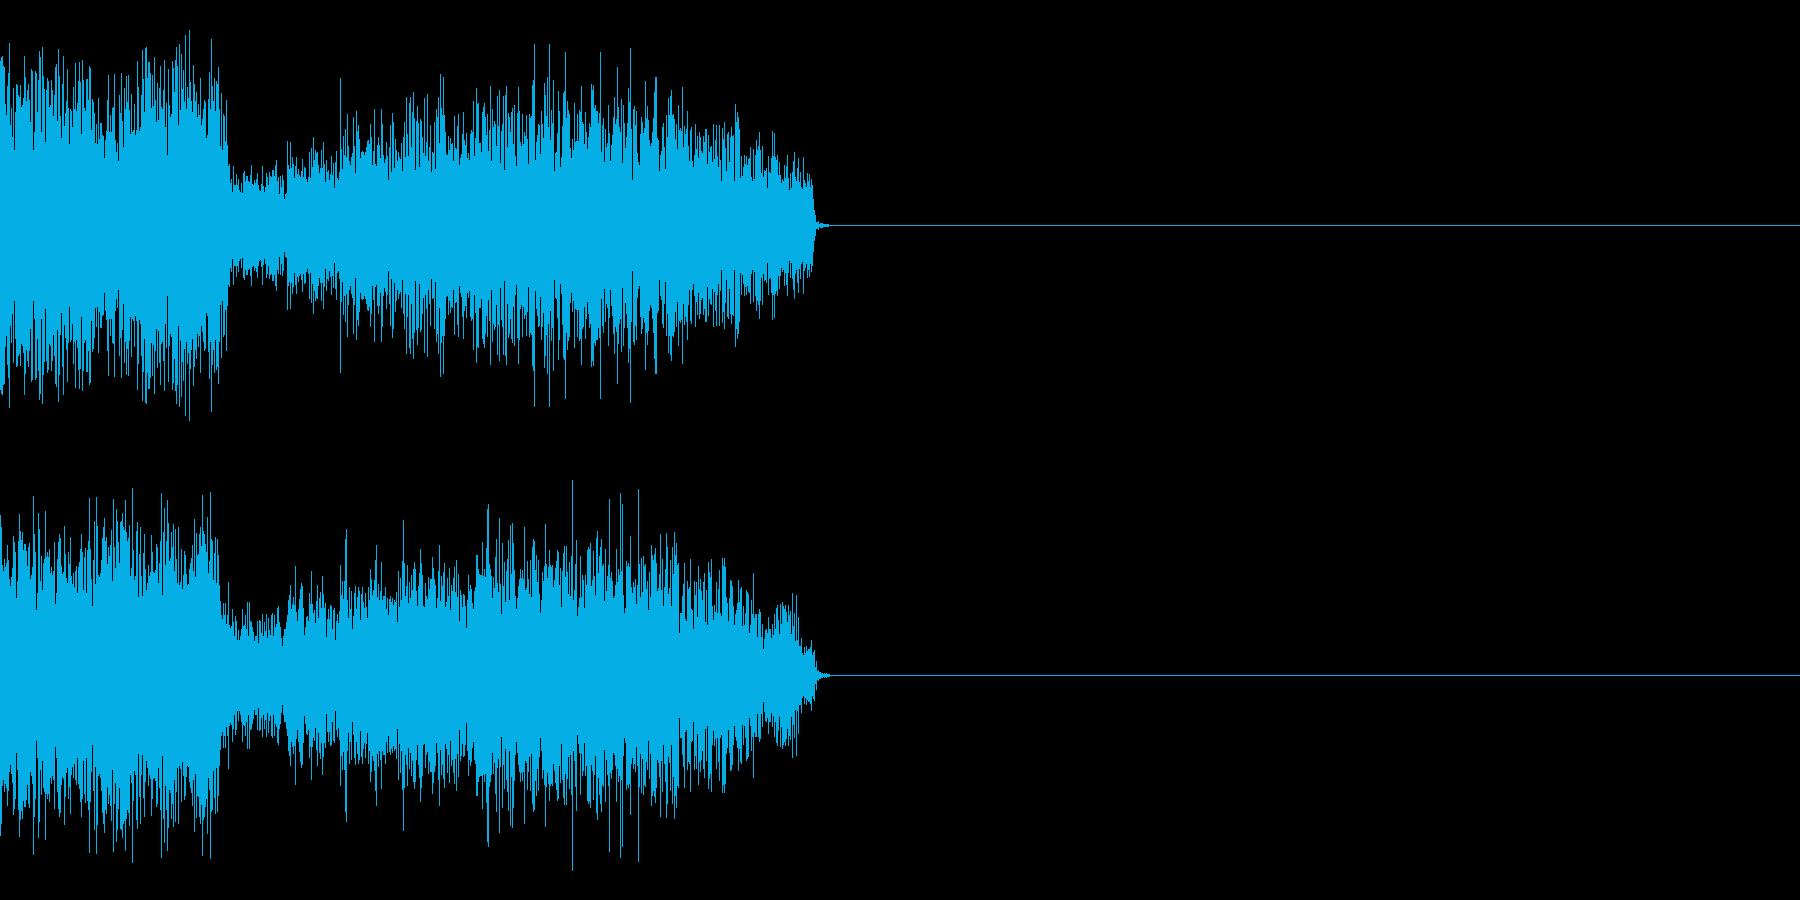 ロボ、SFの再生済みの波形